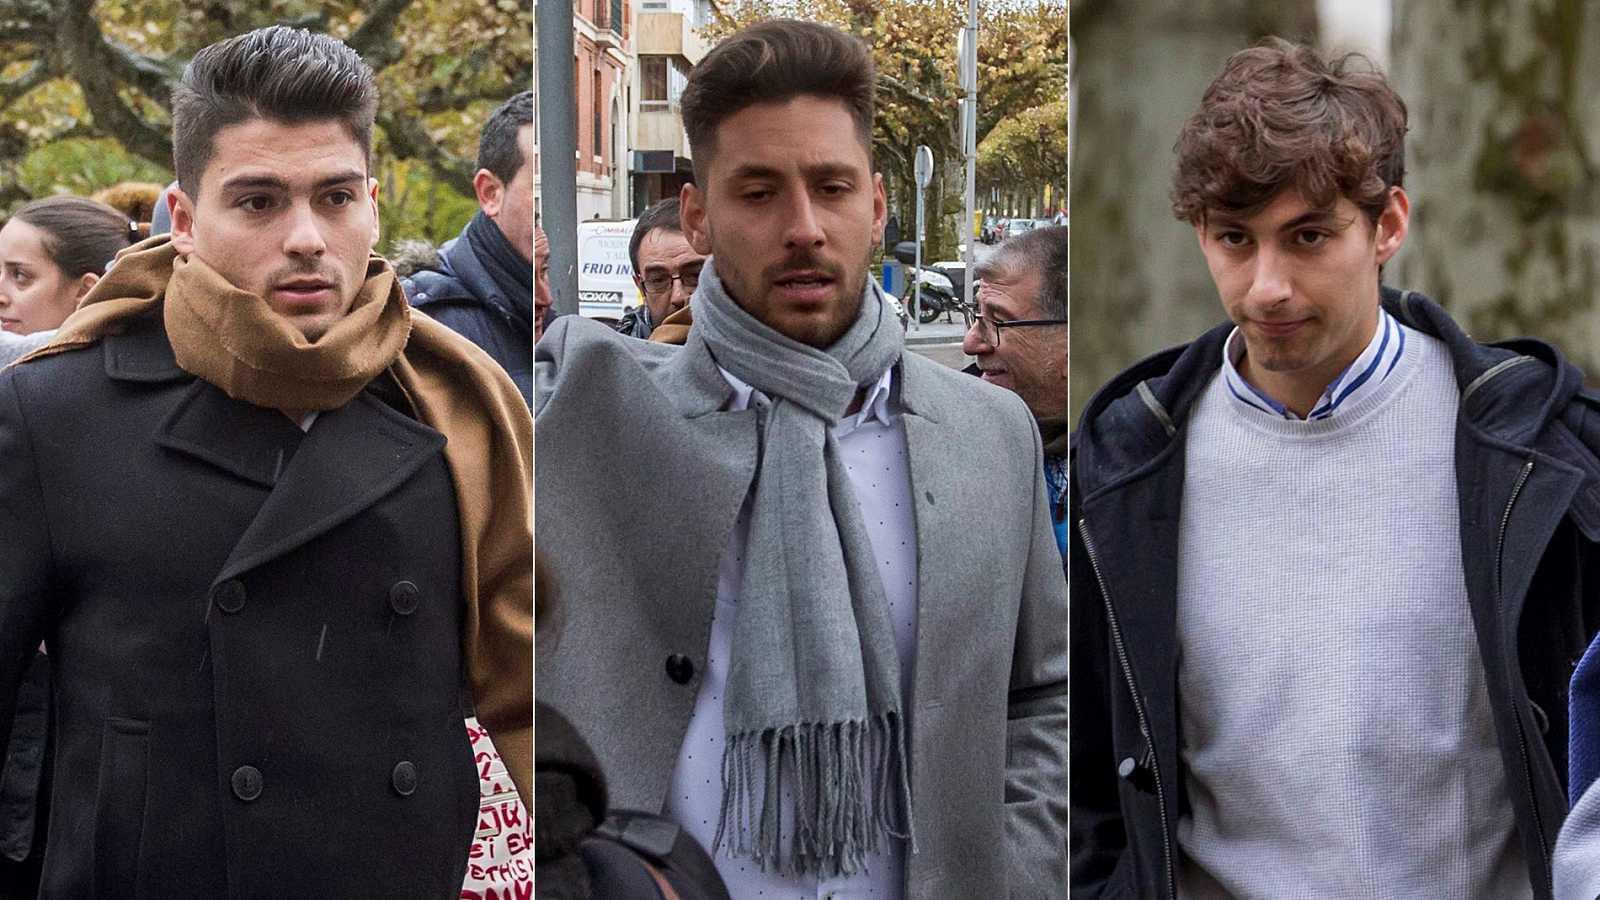 Tres exjugadores del Arandina acusados de agresión sexual